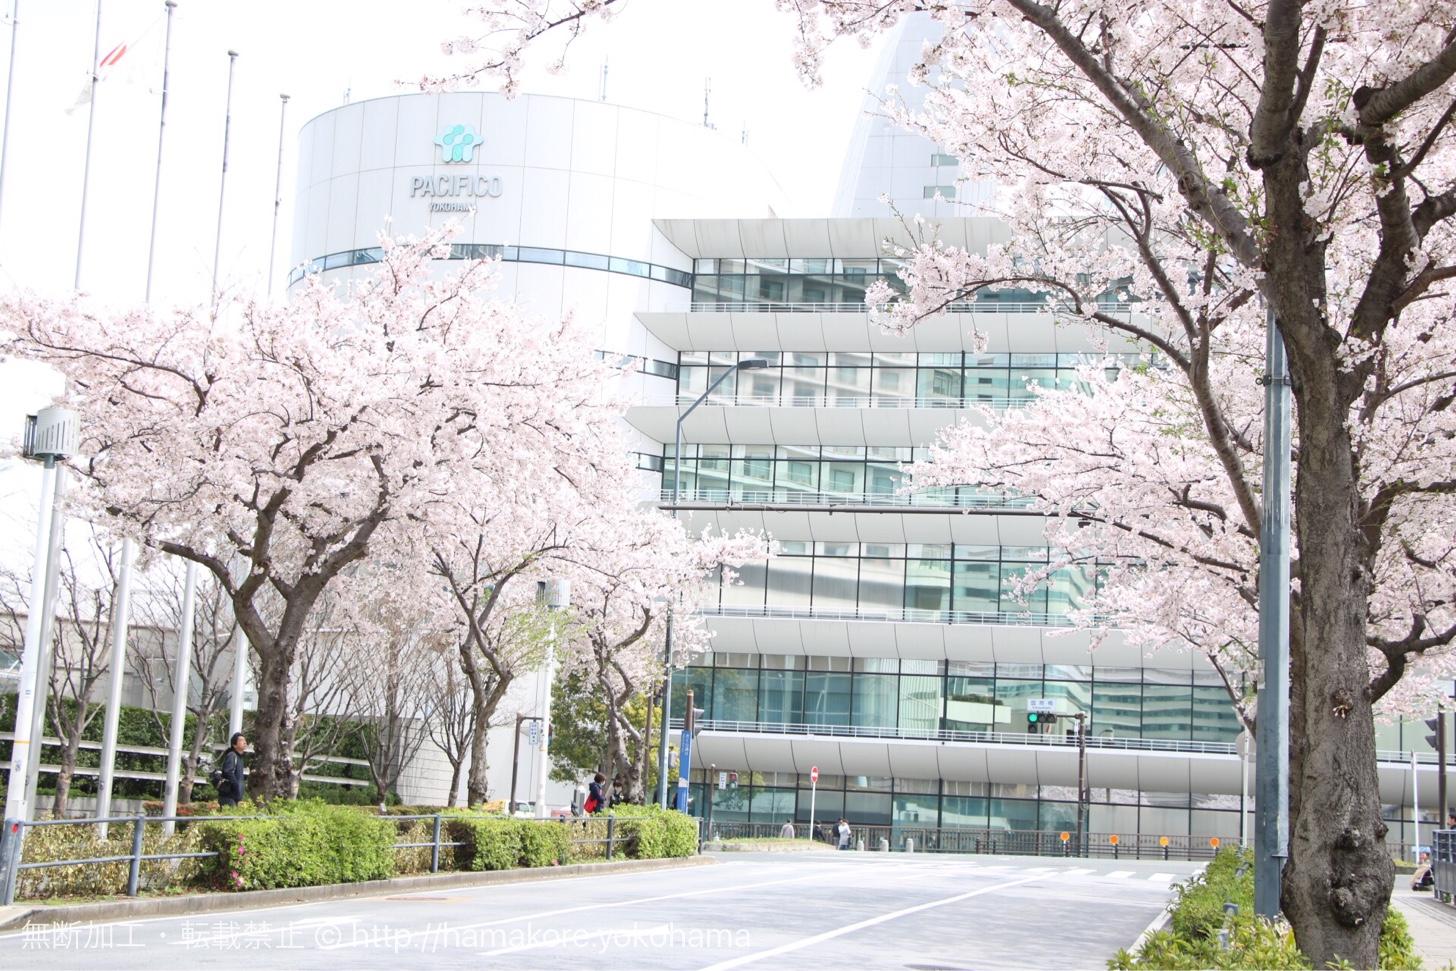 インターコンチネンタルホテルと桜